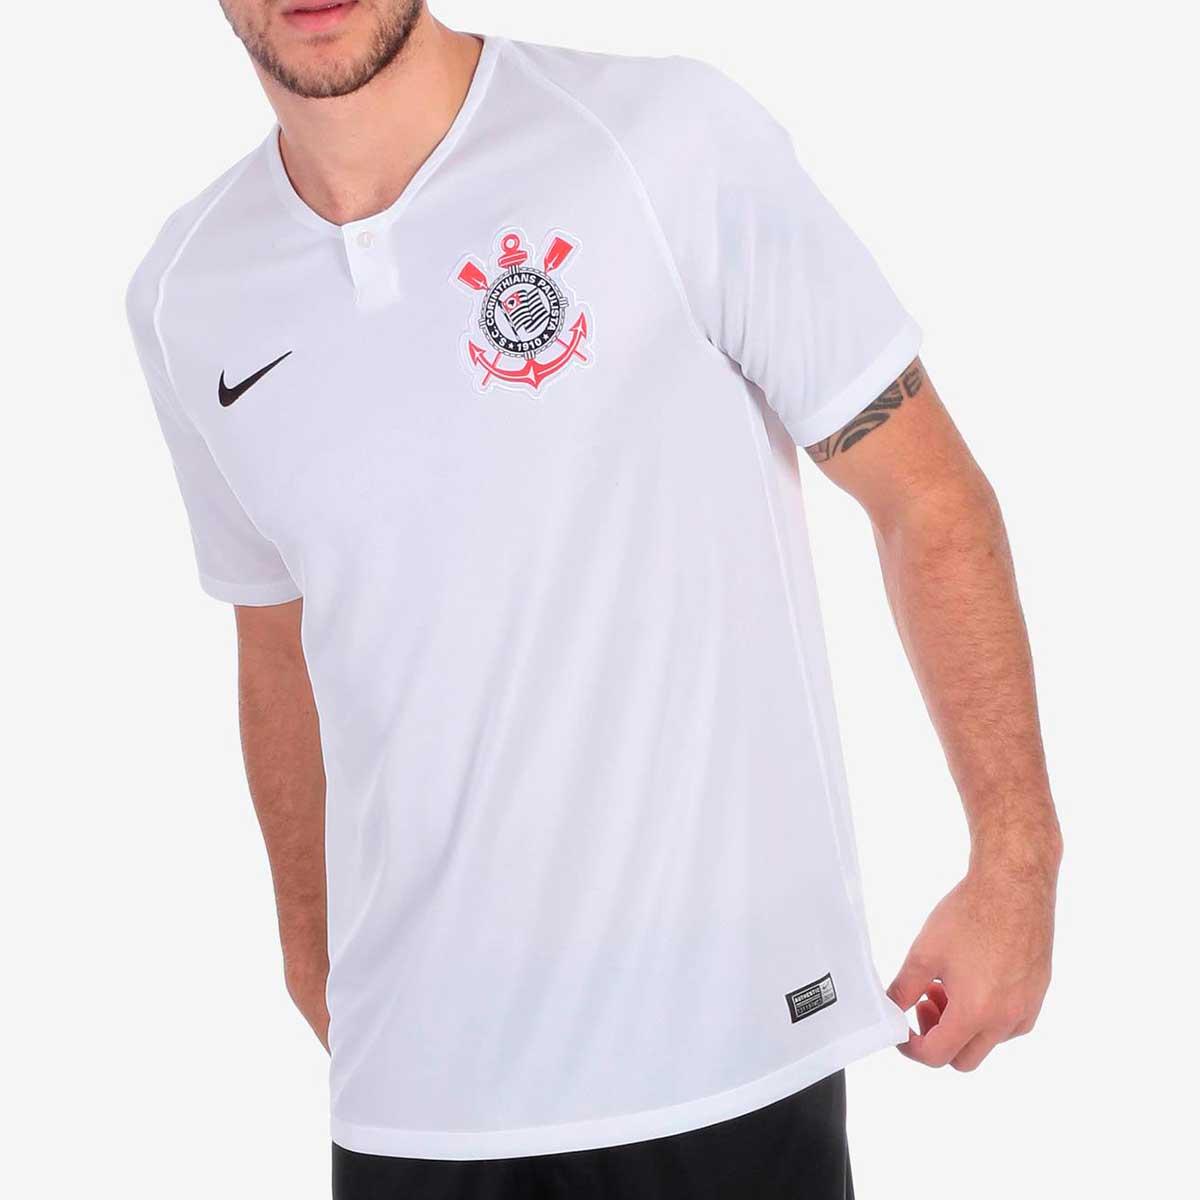 186ba588d Camisa Nike Corinthians I 2018 19 Torcedor Masculina